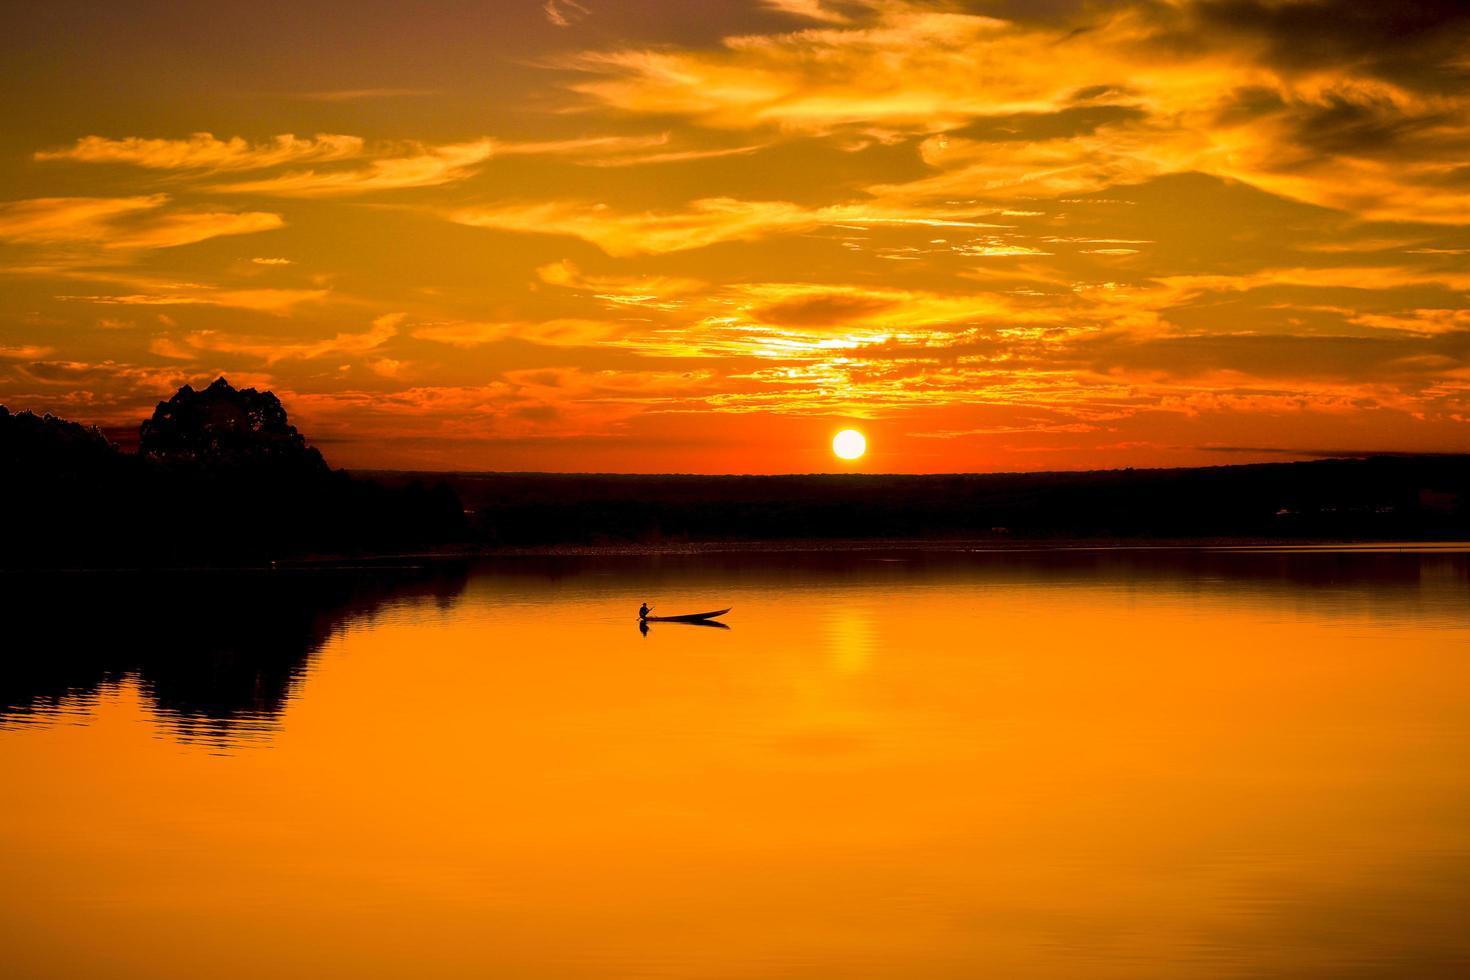 Mann und Boot auf dem Wasser bei Sonnenuntergang foto